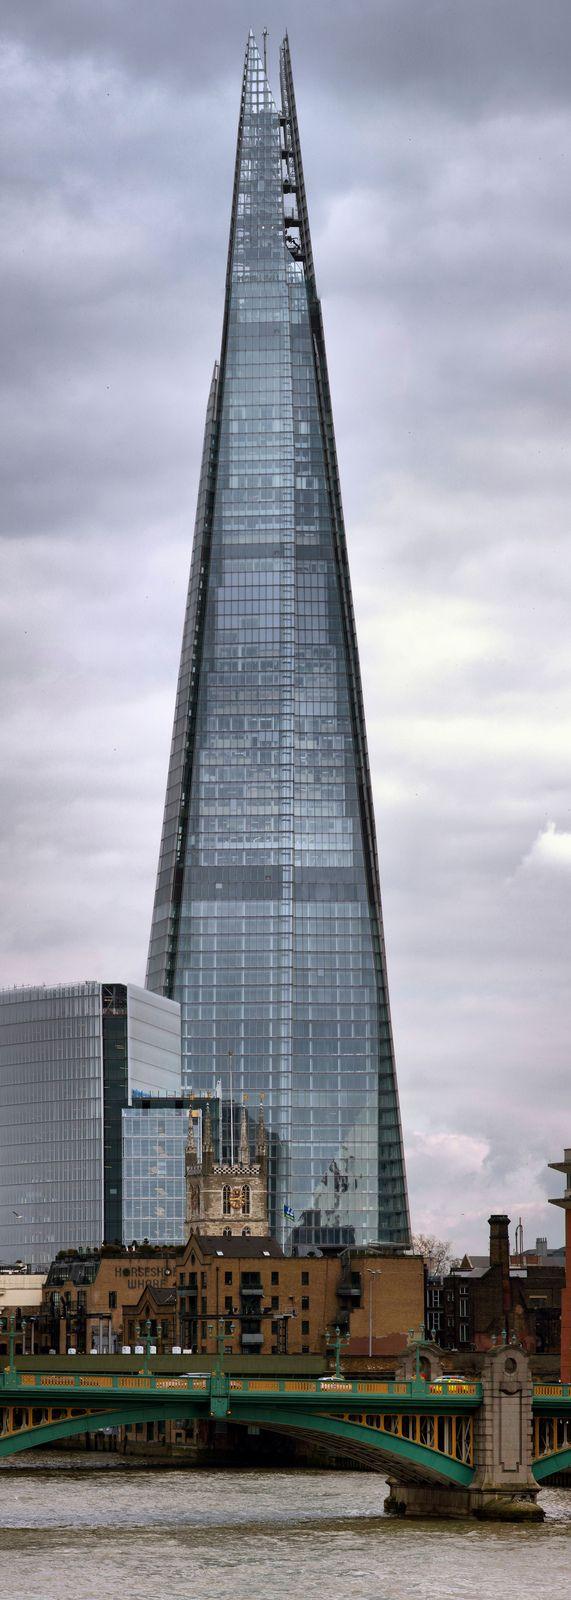 Oltre 25 fantastiche idee su architettura moderna su for Architettura moderna londra